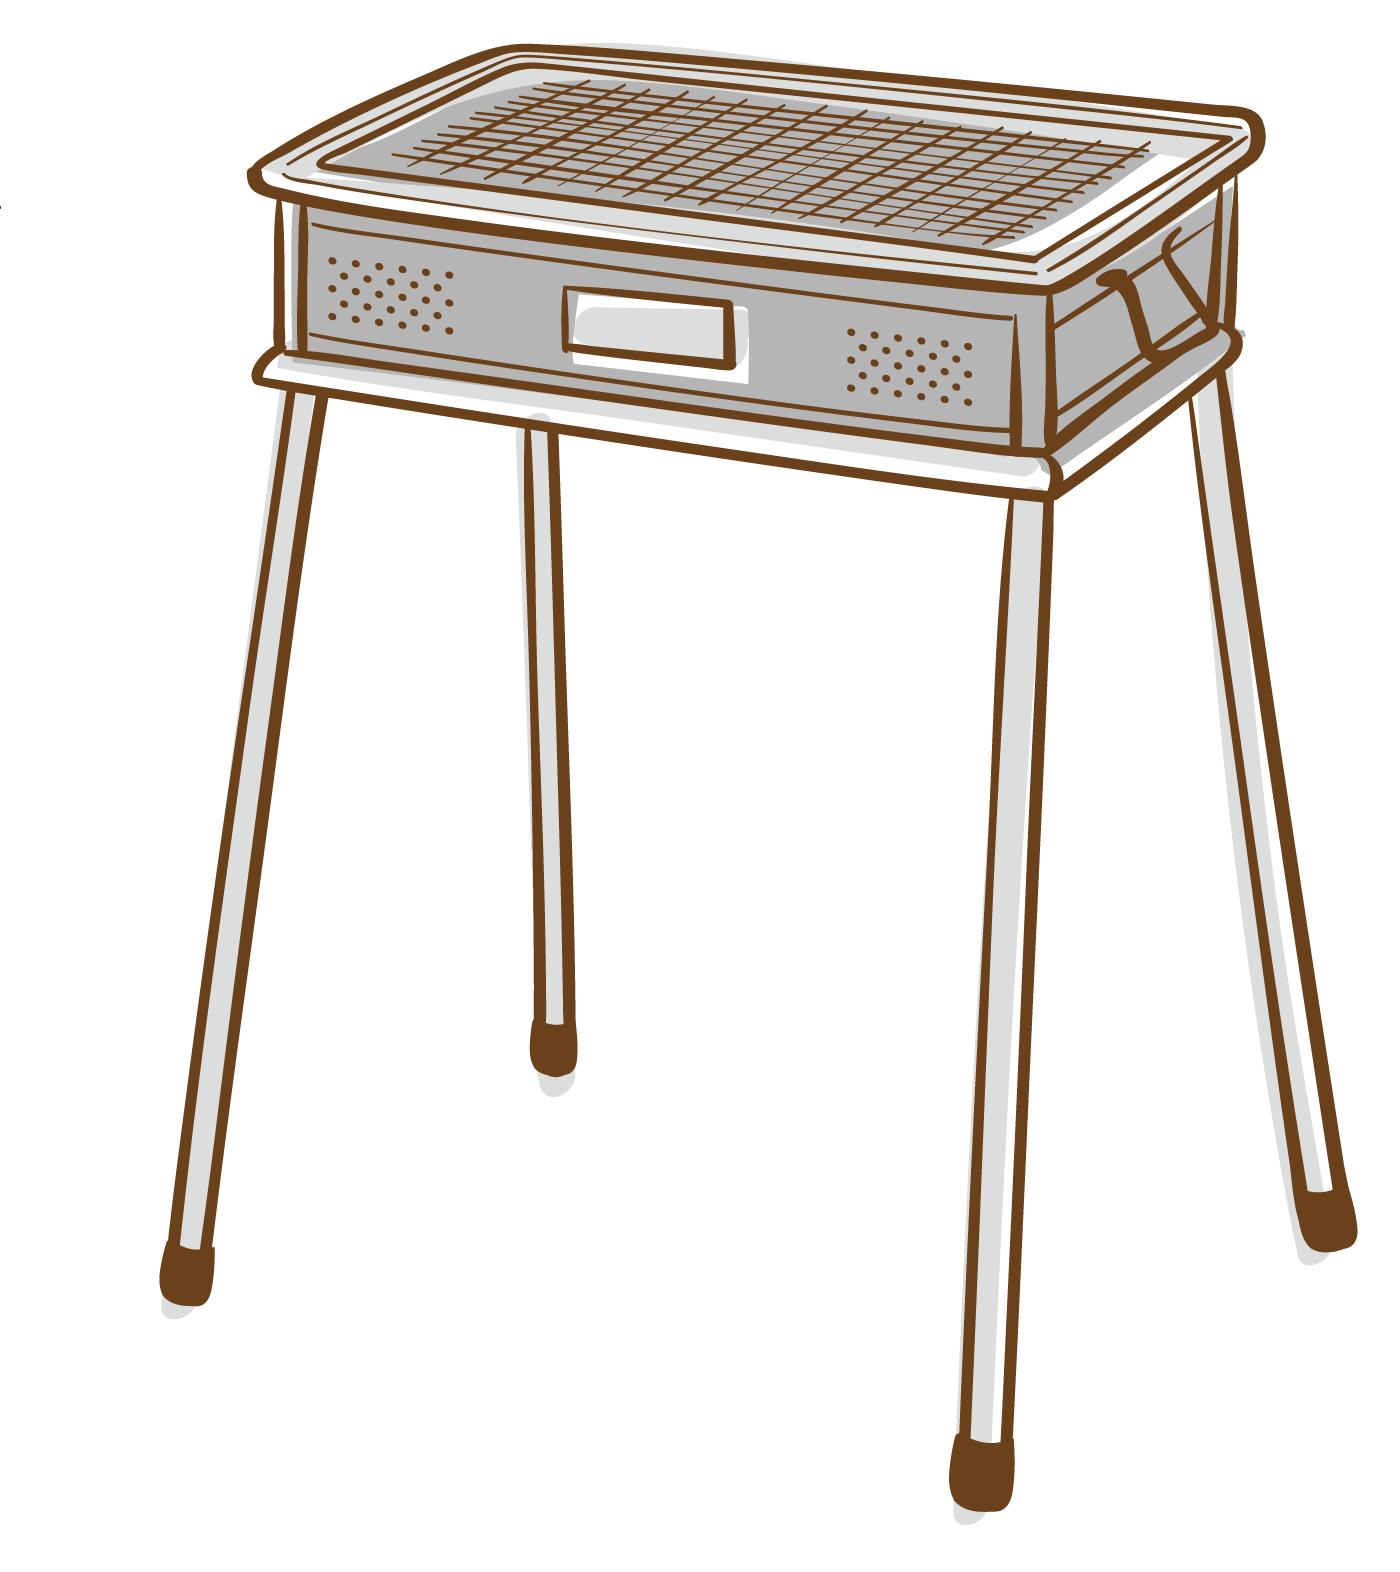 バーベキューグリルのイラスト(白フチあり)